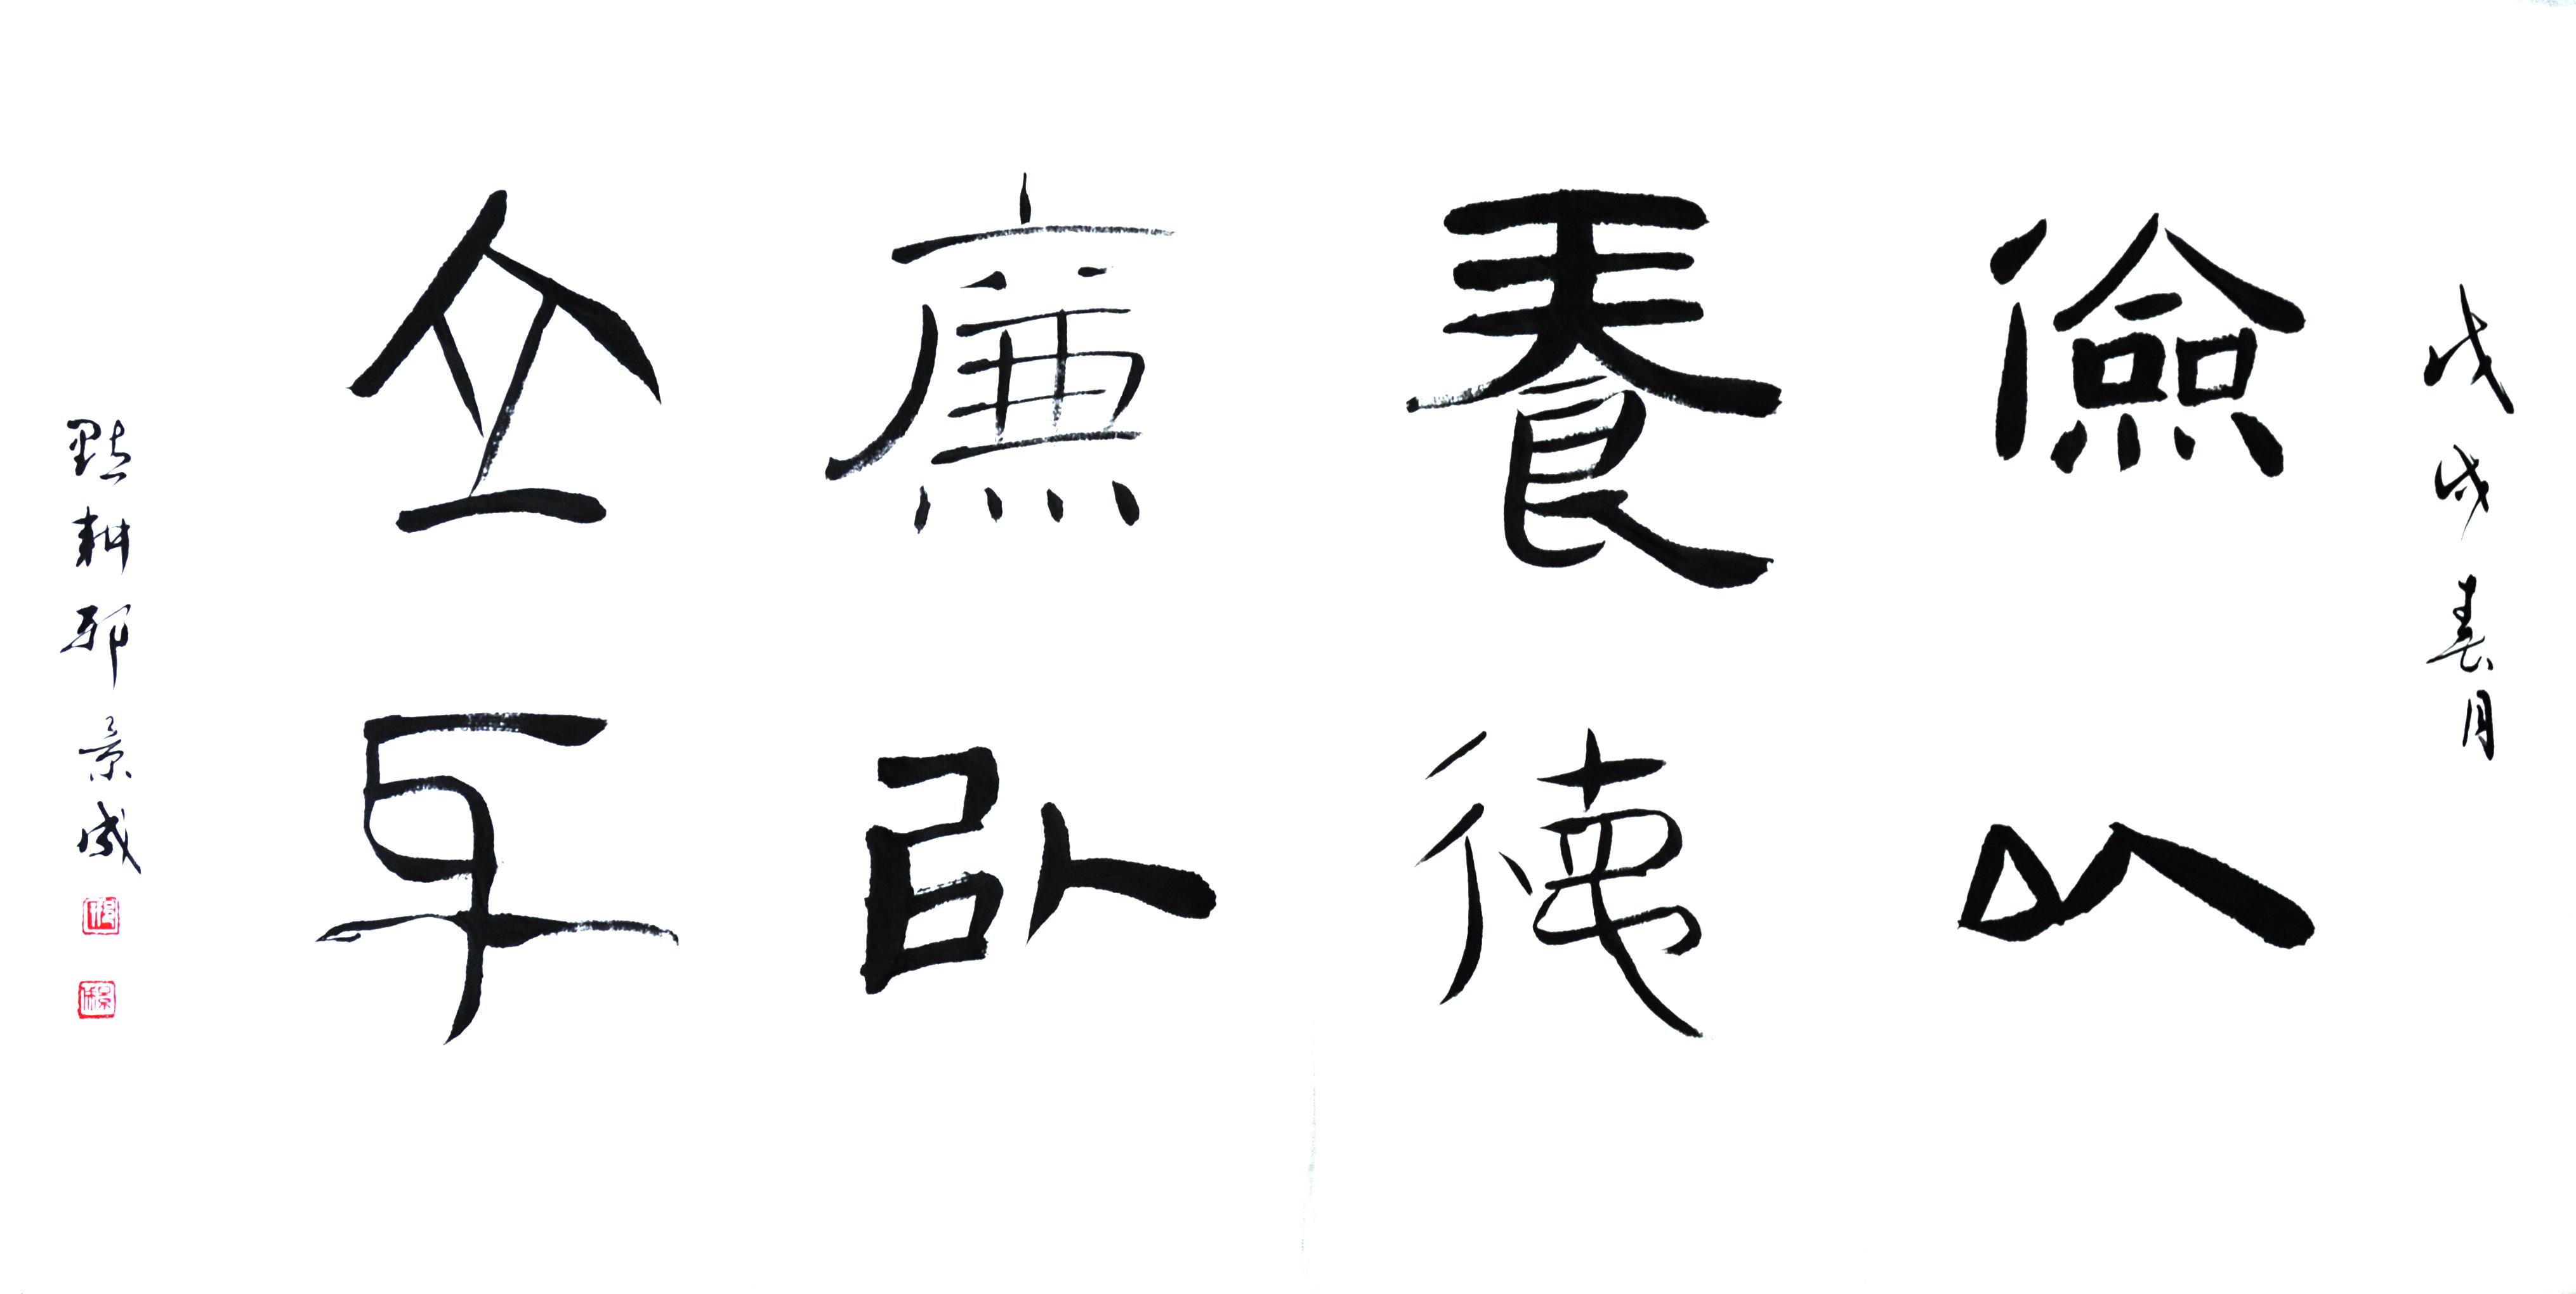 津南区廉洁文化书法作品5